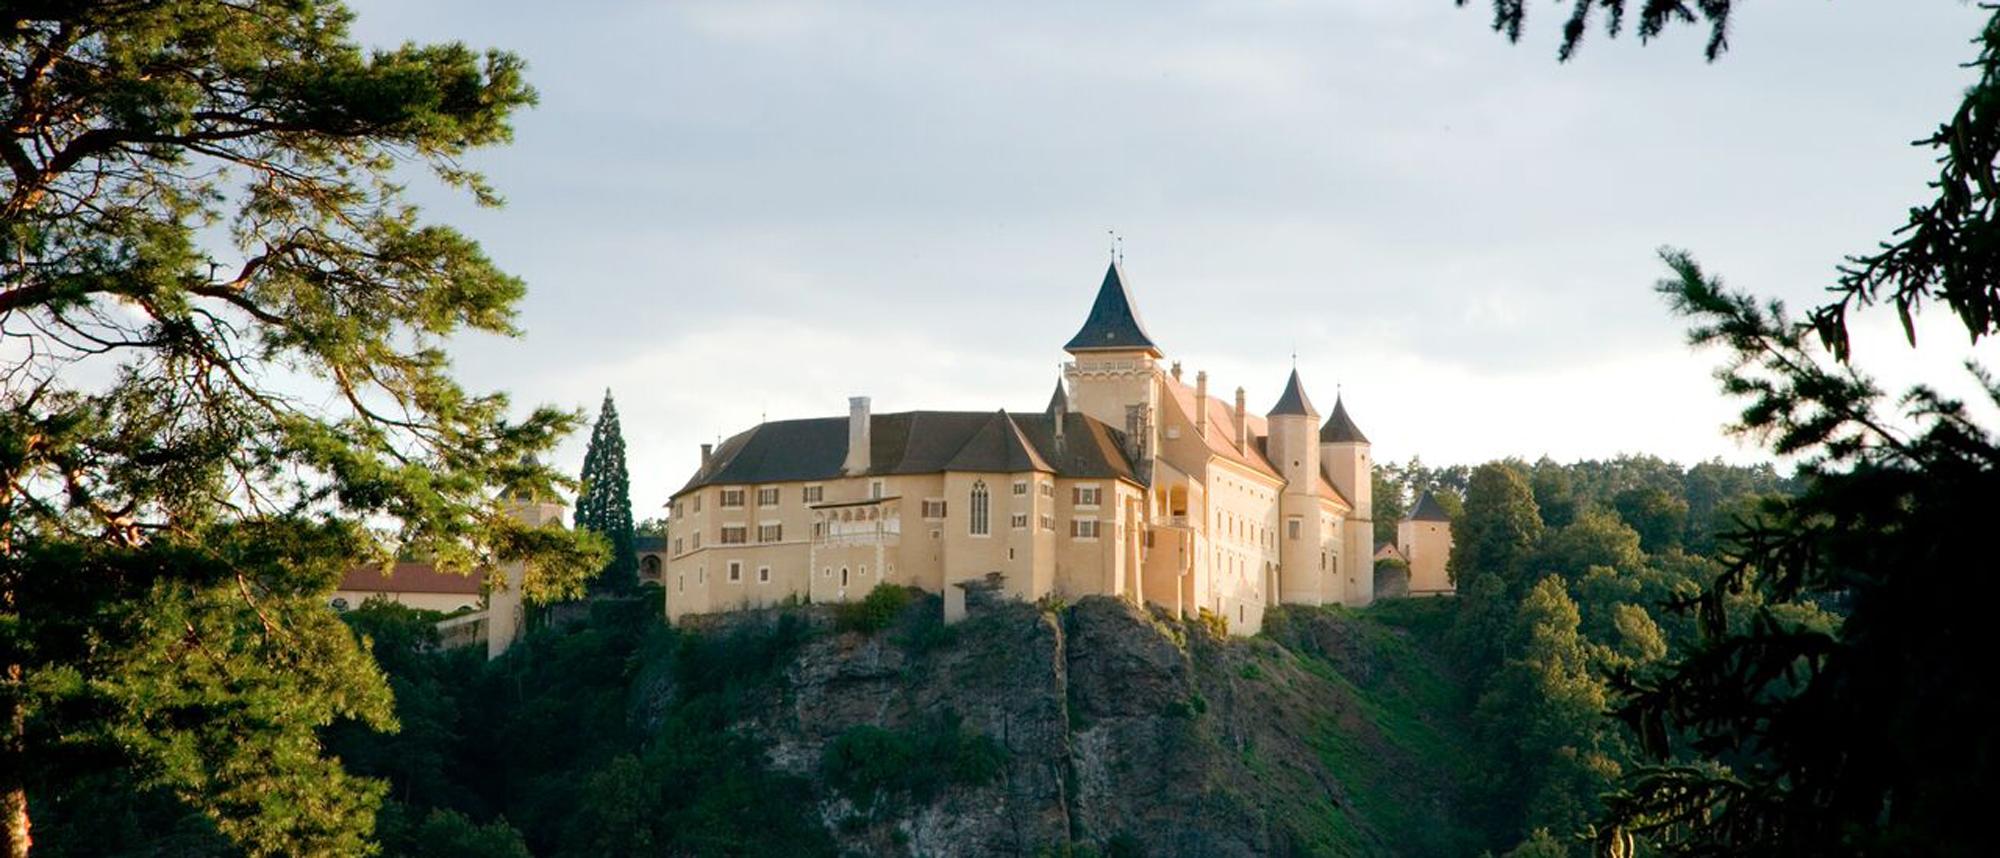 Schloss Rosenburg © Lichtstark.com